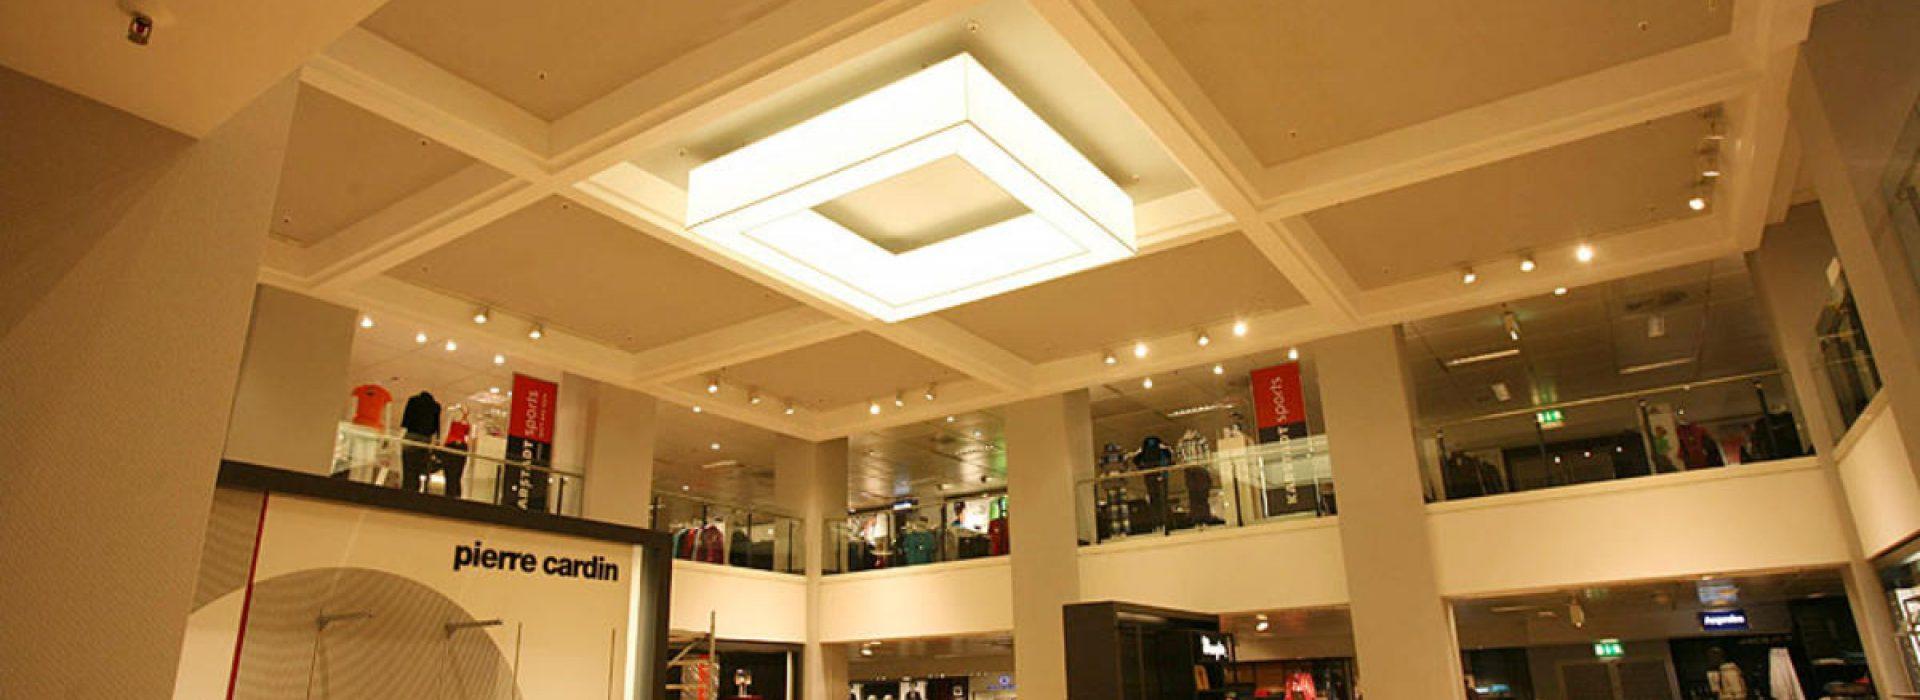 LED Pendelleuchten Bamberg